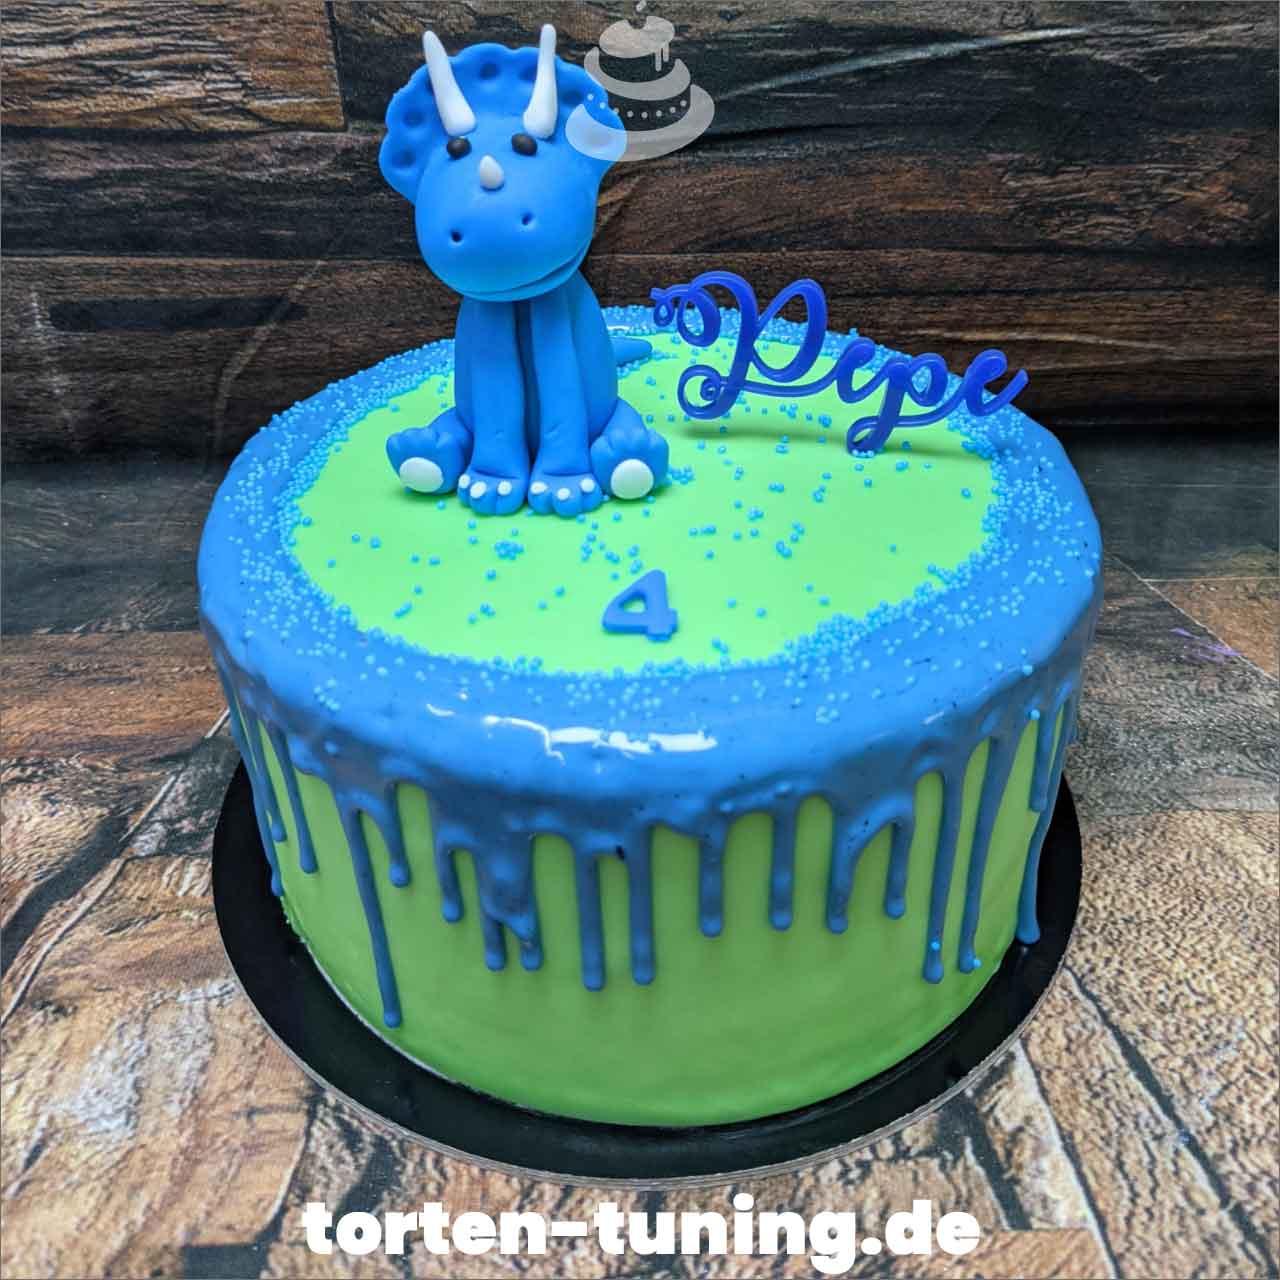 Dino niedlich Dripcake Obsttorte Geburtstagstorte Motivtorte Torte Tortendekoration Torte online bestellen Suhl Thüringen Torten Tuning Sahnetorte Tortenfiguren Cake Topper